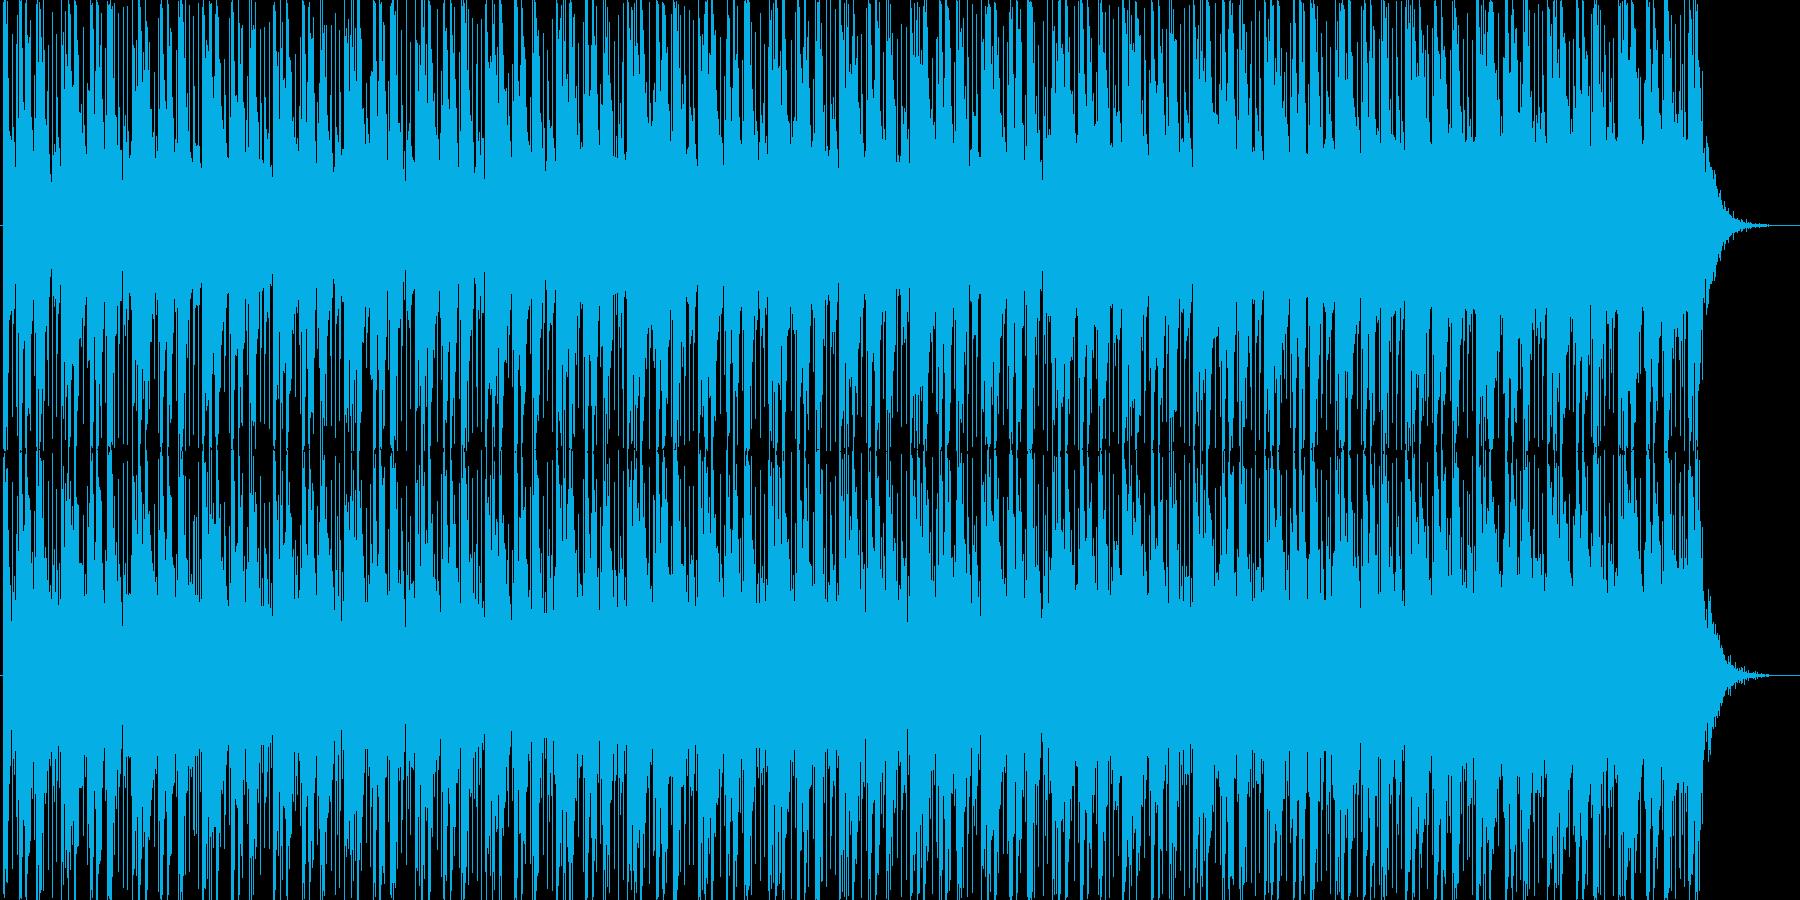 ほのぼの雰囲気のテクノポップの再生済みの波形